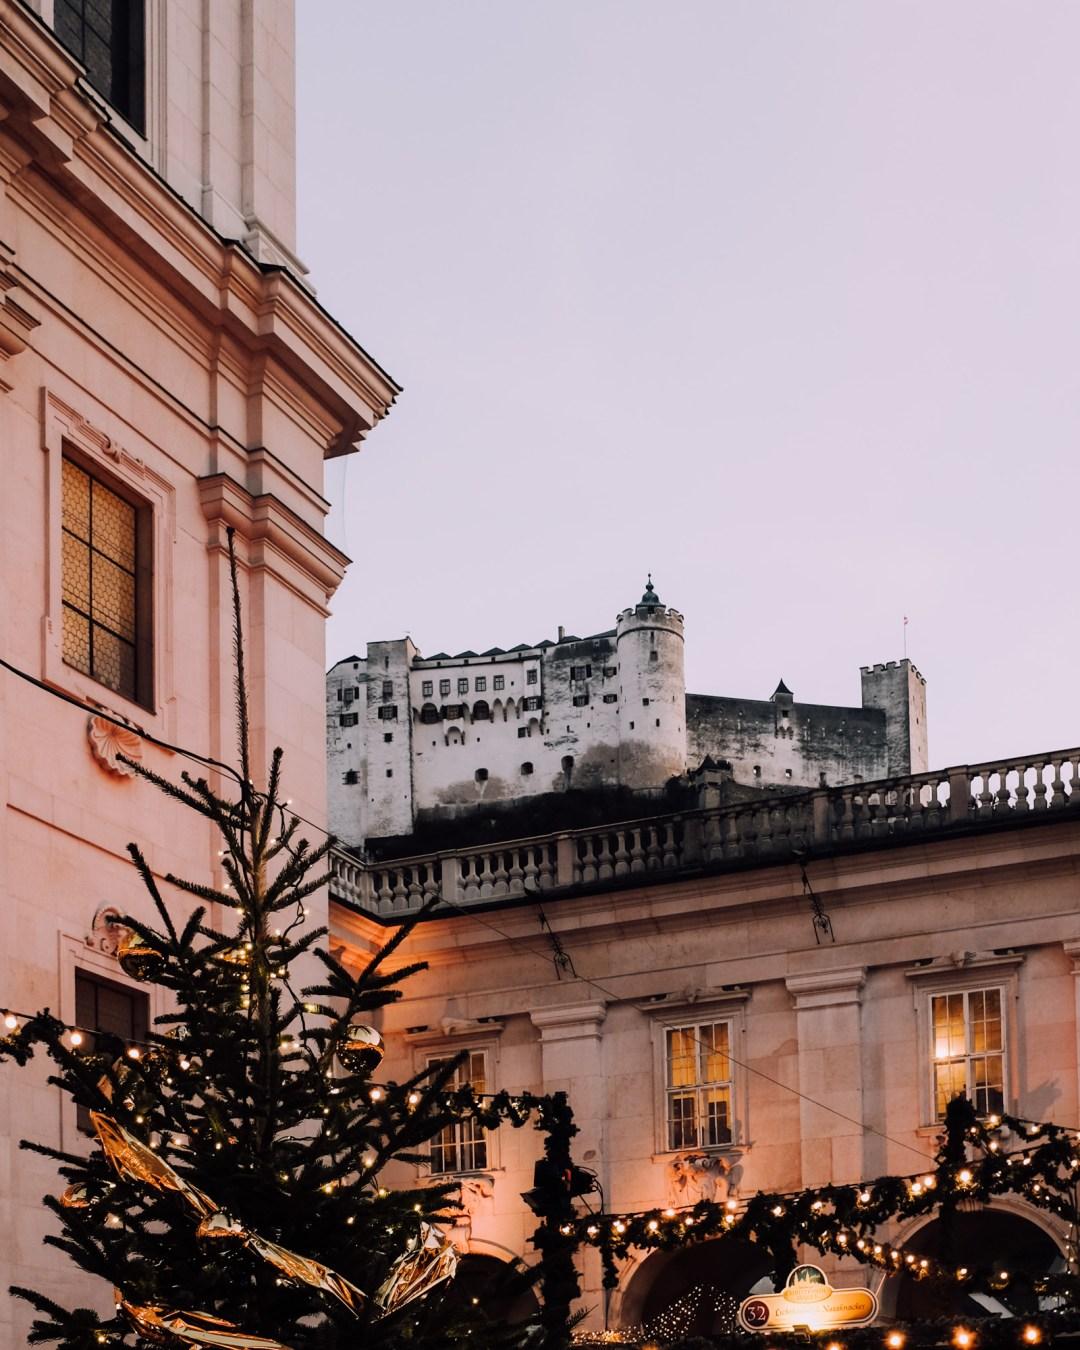 Inastil, Weihnachtszeit, Salzburg, Cityscape, visitsalzburg, Advent, Christkindlmarkt, beautifuldestinations, Winterfest, Zirkus, Cirkuskunst, Akrobatik-12